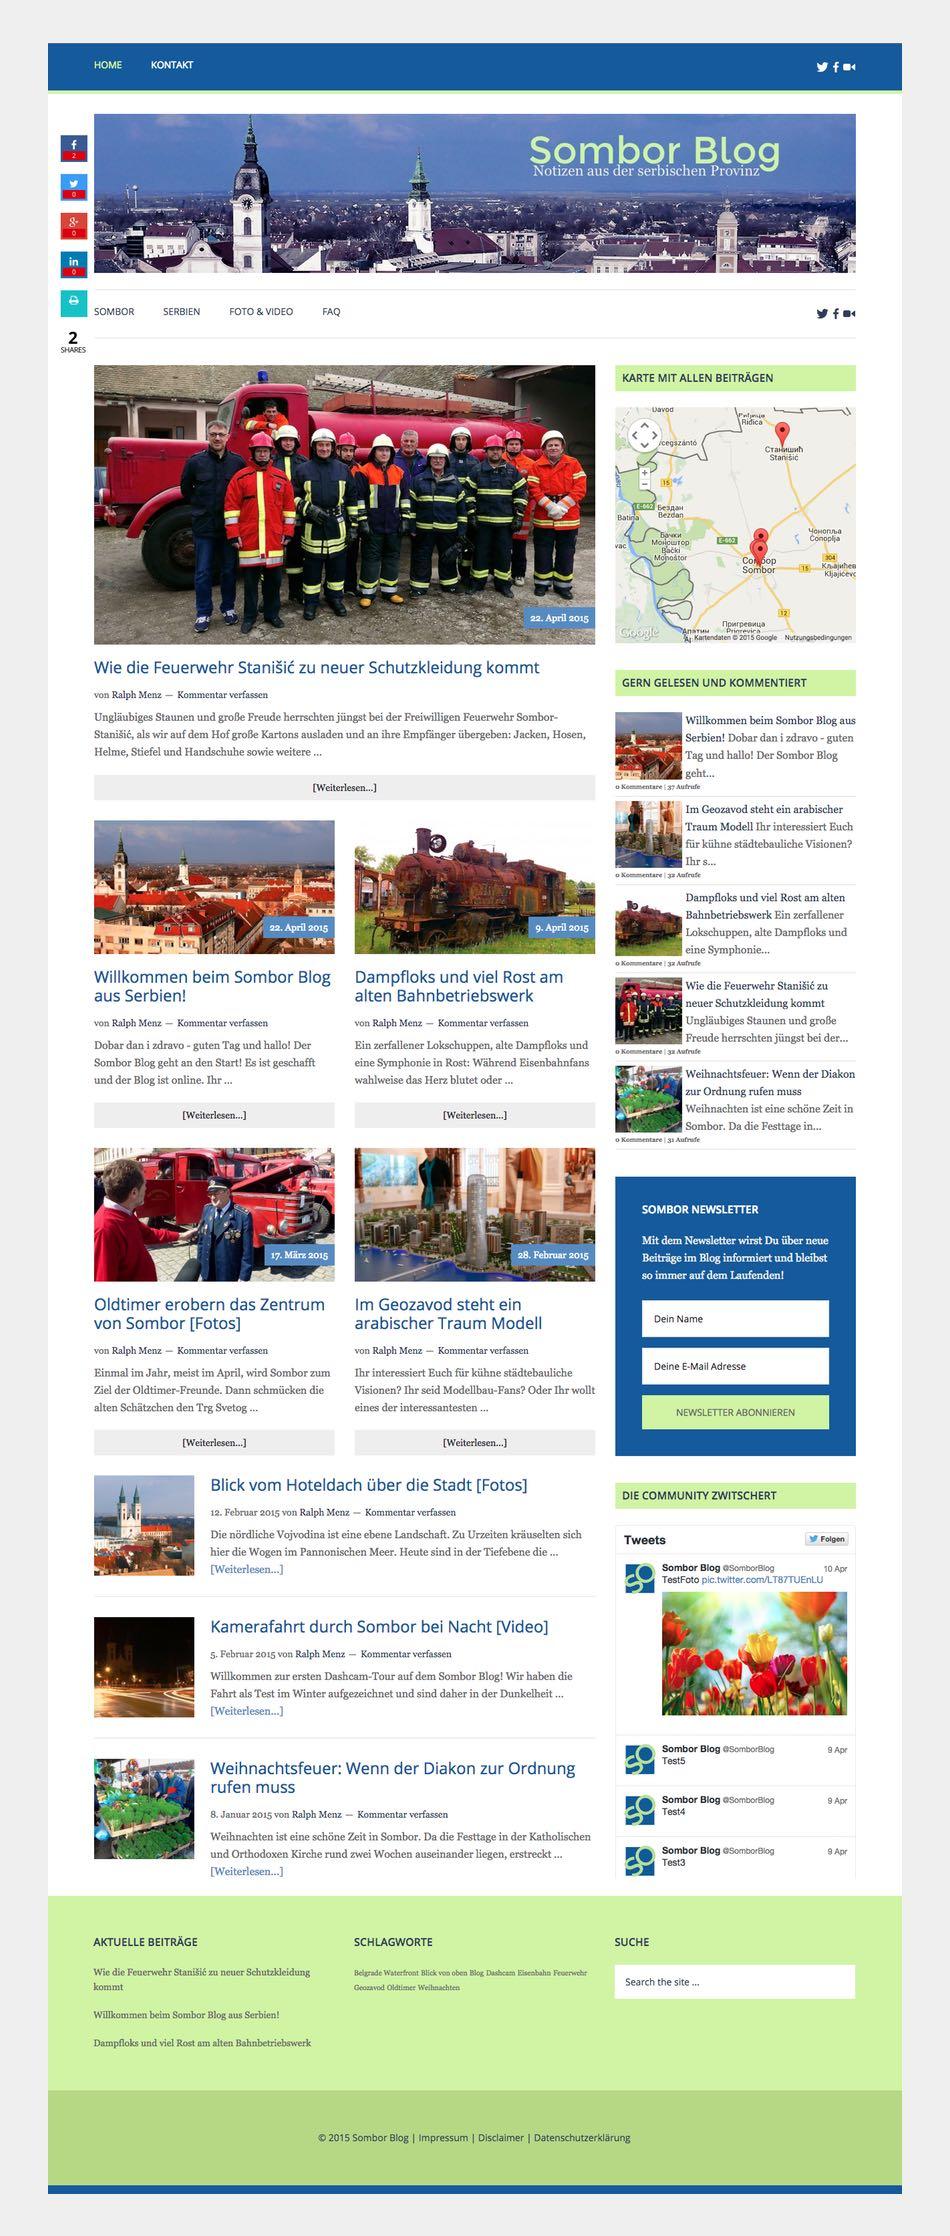 Sombor Blog - Notizen aus der Serbischen Provinz